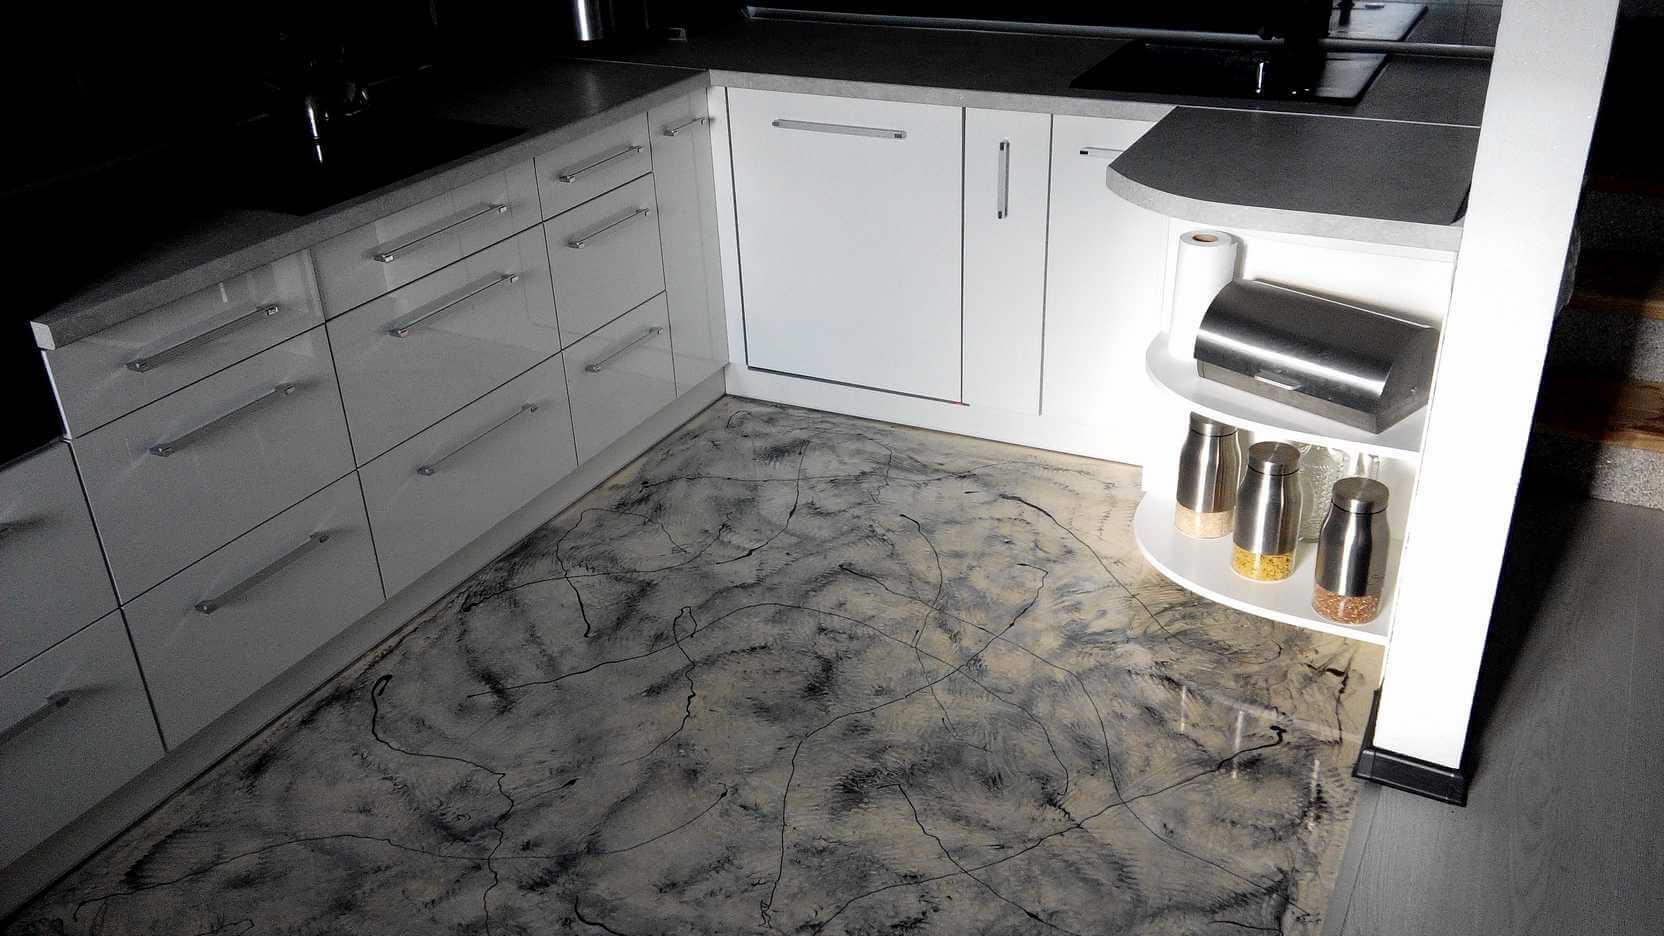 Full Size of Küche Boden Bodenbeschichtung In Der Kche Hochglanz Design Kchenboden Einbauküche Mit Elektrogeräten Modulküche Behindertengerechte Schrankküche Wohnzimmer Küche Boden